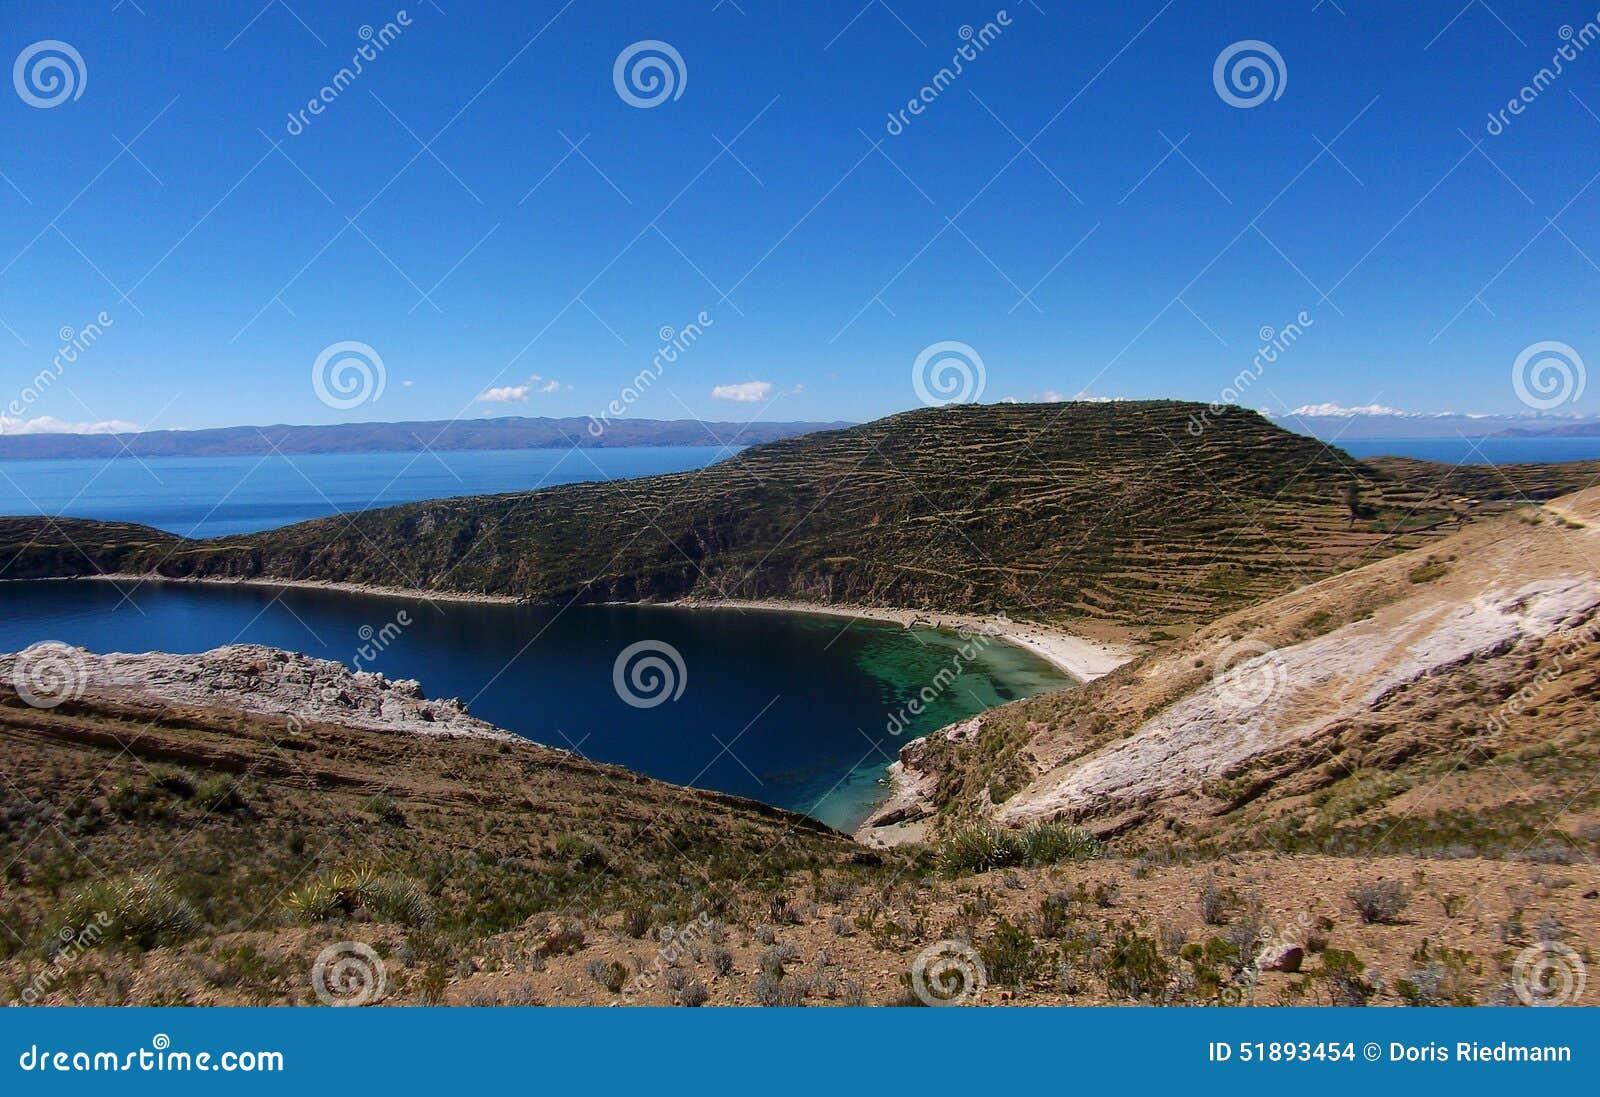 Κόλπος Titicaca λιμνών isla de sol στα βουνά της Βολιβίας